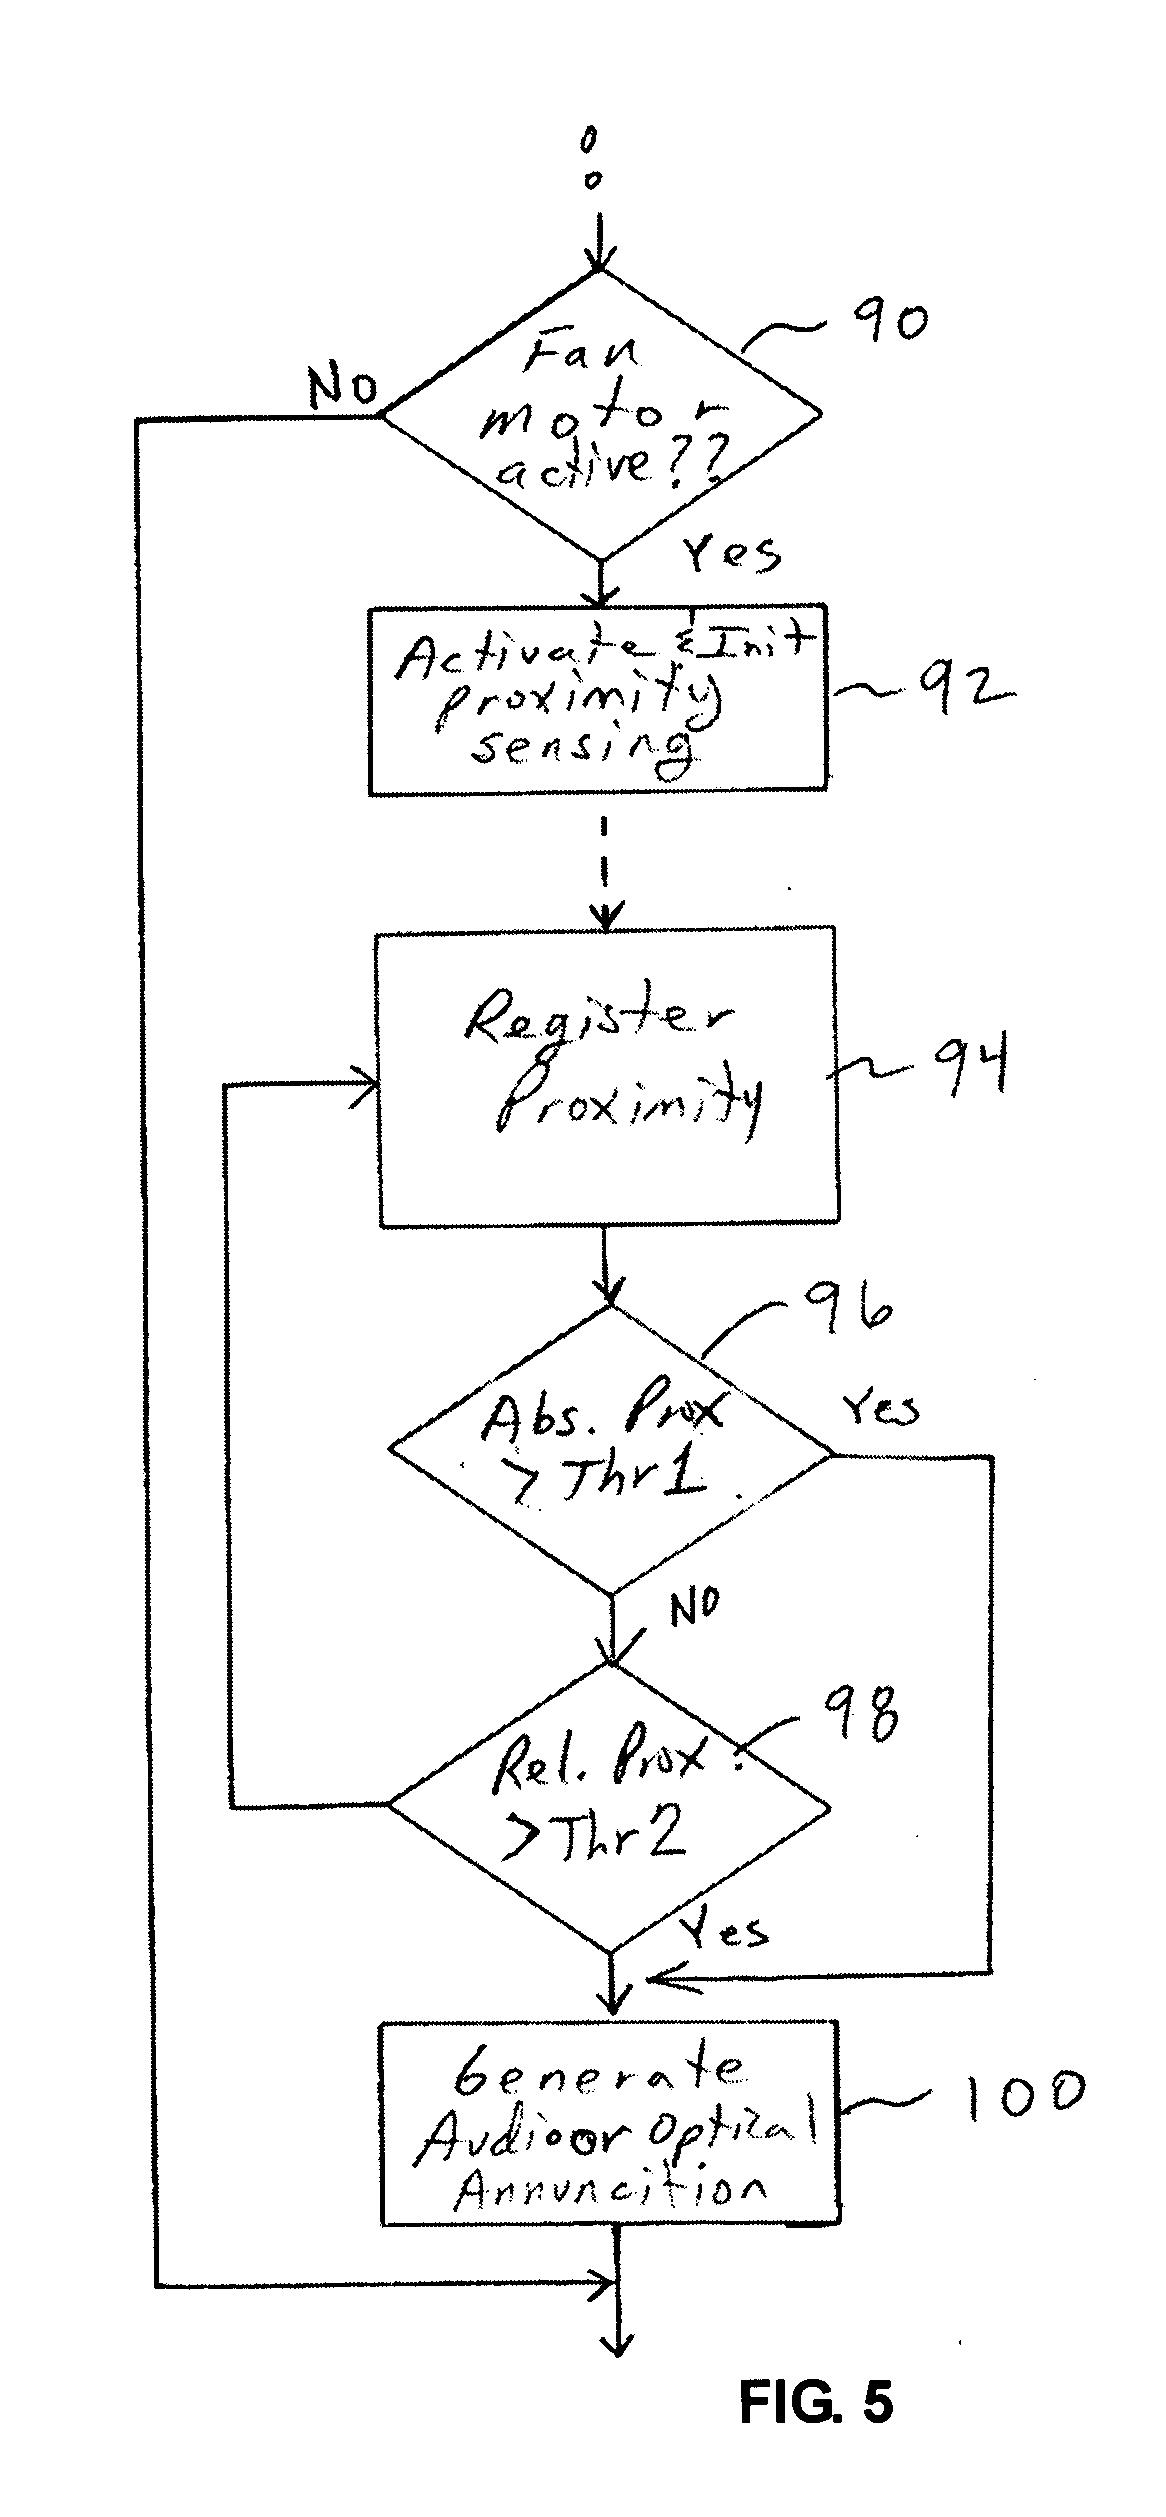 Ceiling Fan Internal Wiring Diagram Furthermore Worksheet Solving - Ceiling Fan Internal Wiring Diagram